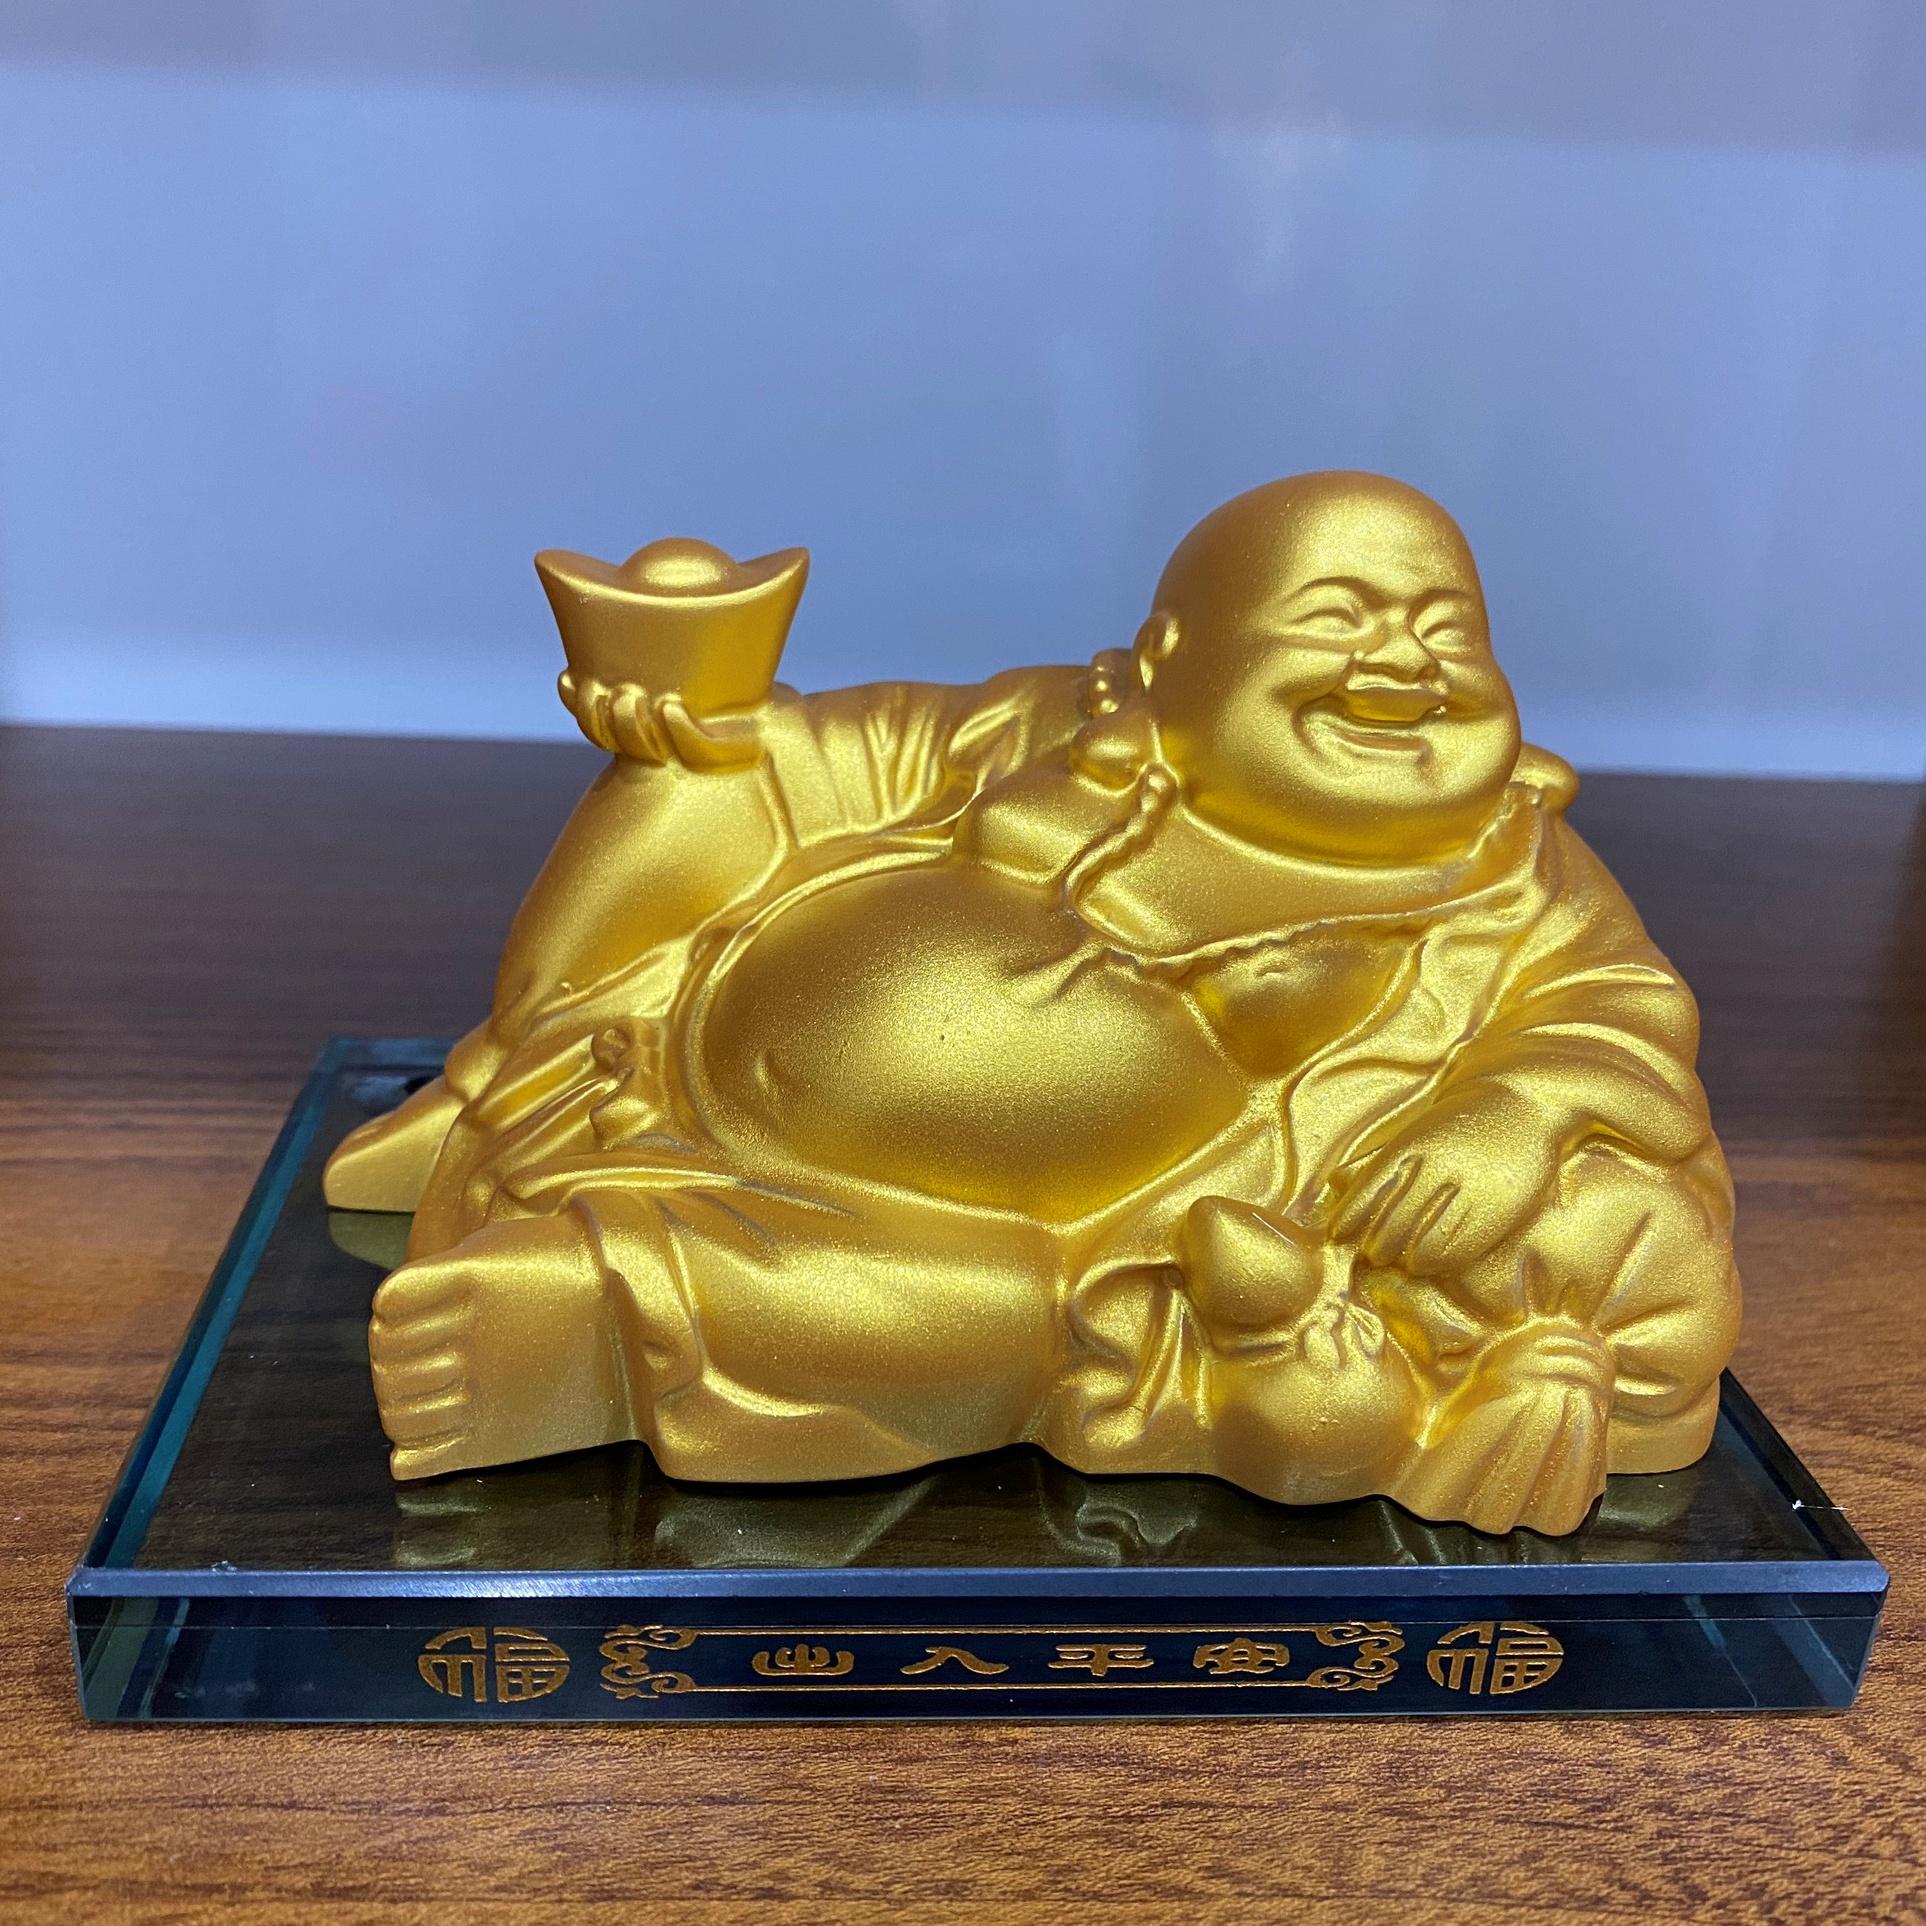 Tượng Phật Di Lặc/Tượng Phật Thế Âm Bồ Tát Trang Trí Xe Hơi - Chính hãng